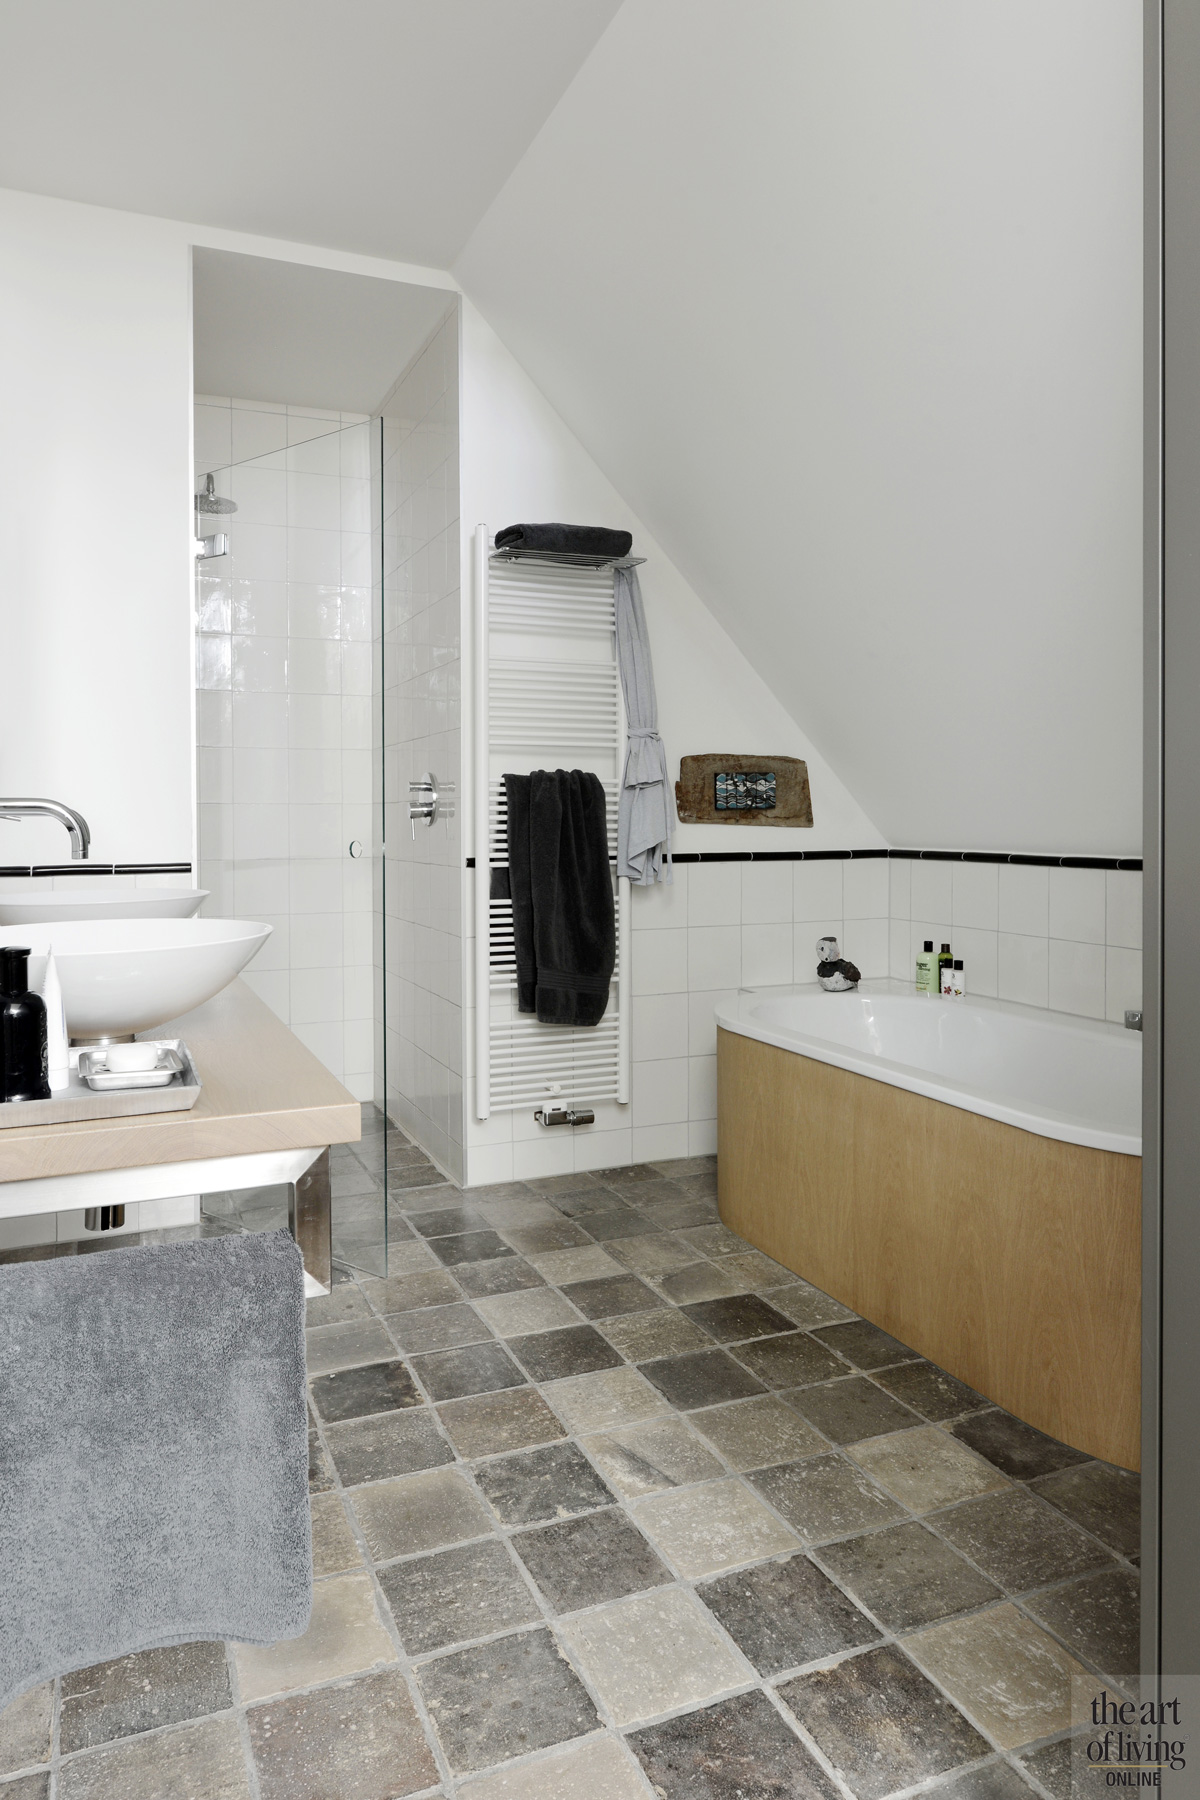 Badkamer, bad, douche, wastafel, waskom, Alape, sanitair, woning in L-vorm, VVR Architecten